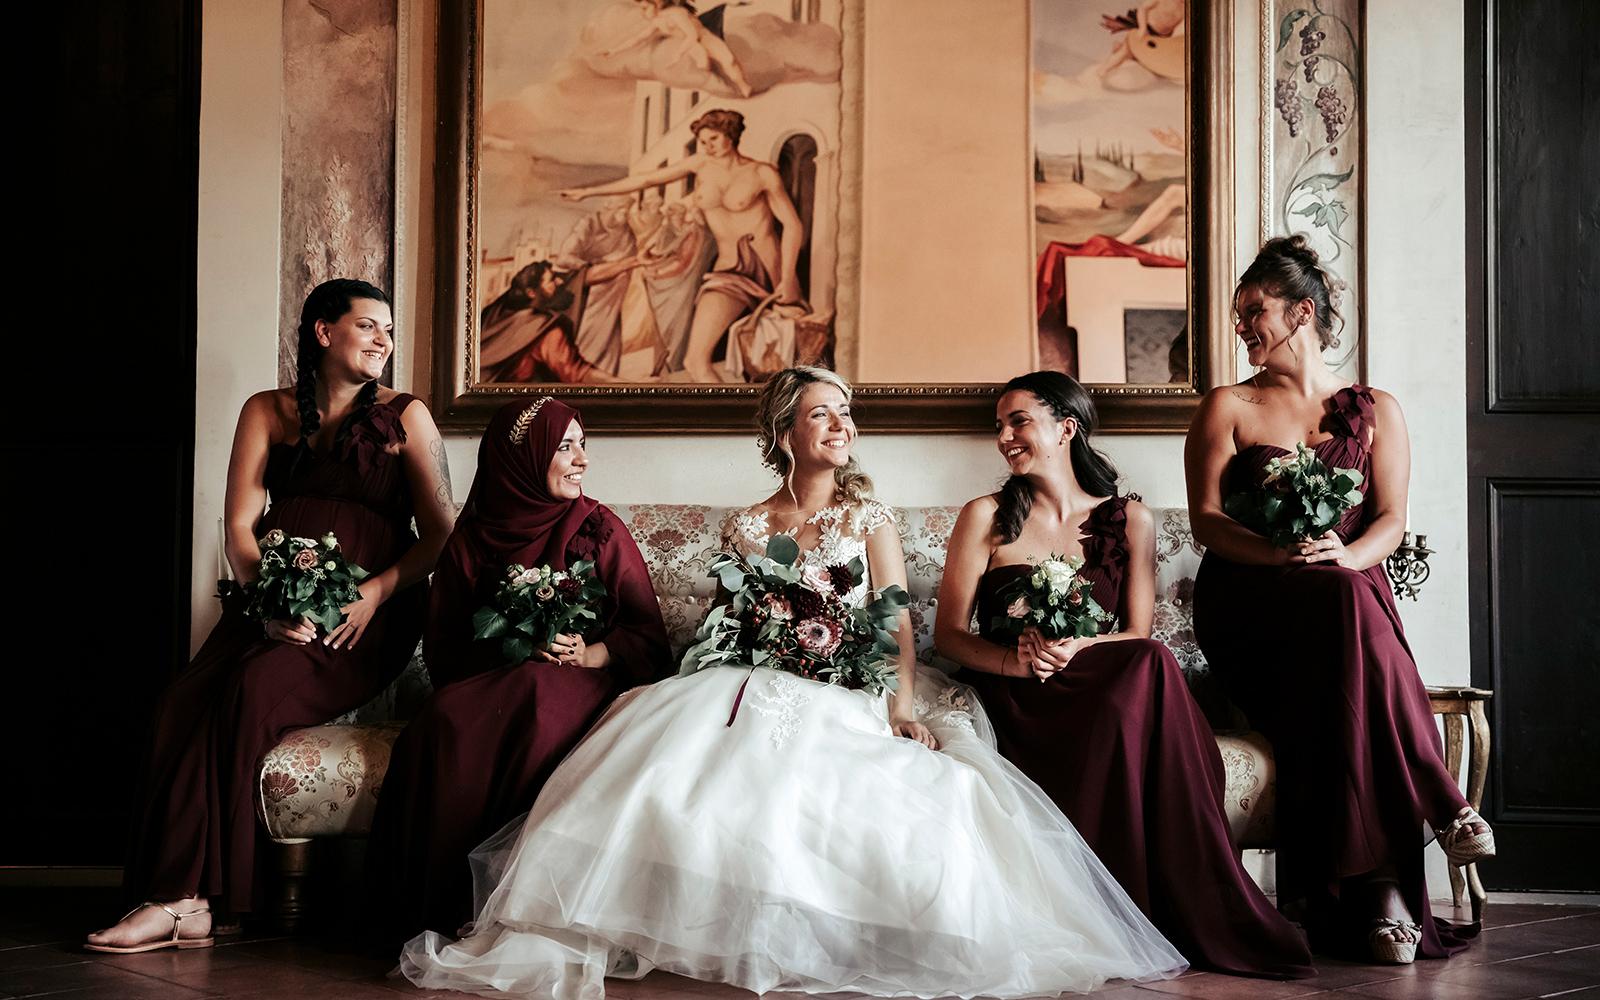 Vicenza matrimonio ricevimento , villa per eventi, villa per eventi Vicenza, villa per eventi Padova , villa per matrimoni Vicenza, villa per matrimoni Padova, location matrimonio Vicenza, location matrimoni Vicenza